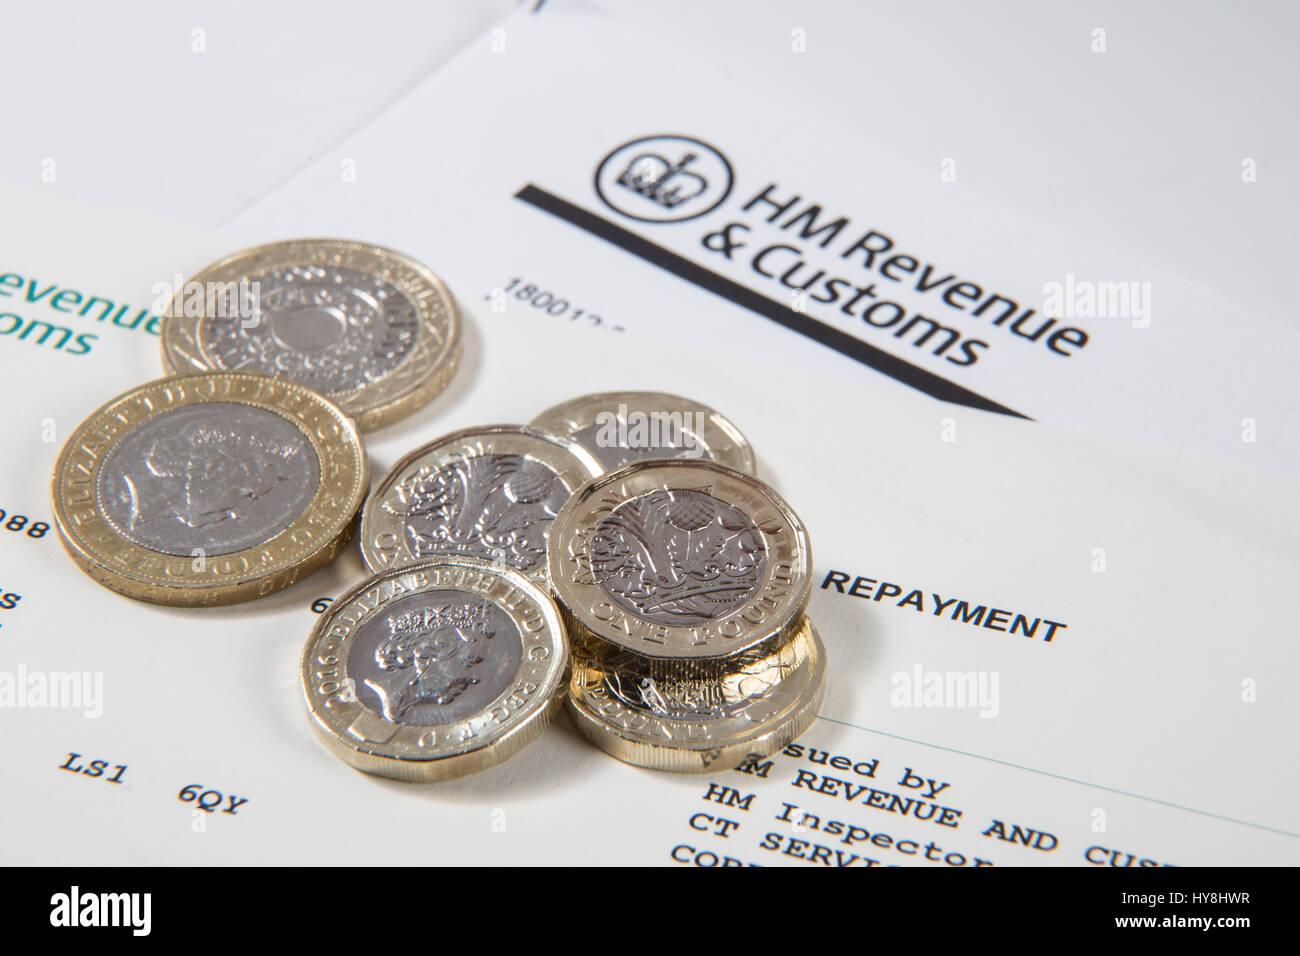 Neue 1 Pfund Münzen 2 Pfund Münzen Und 5 Pfund Noten Auf Eine Hm